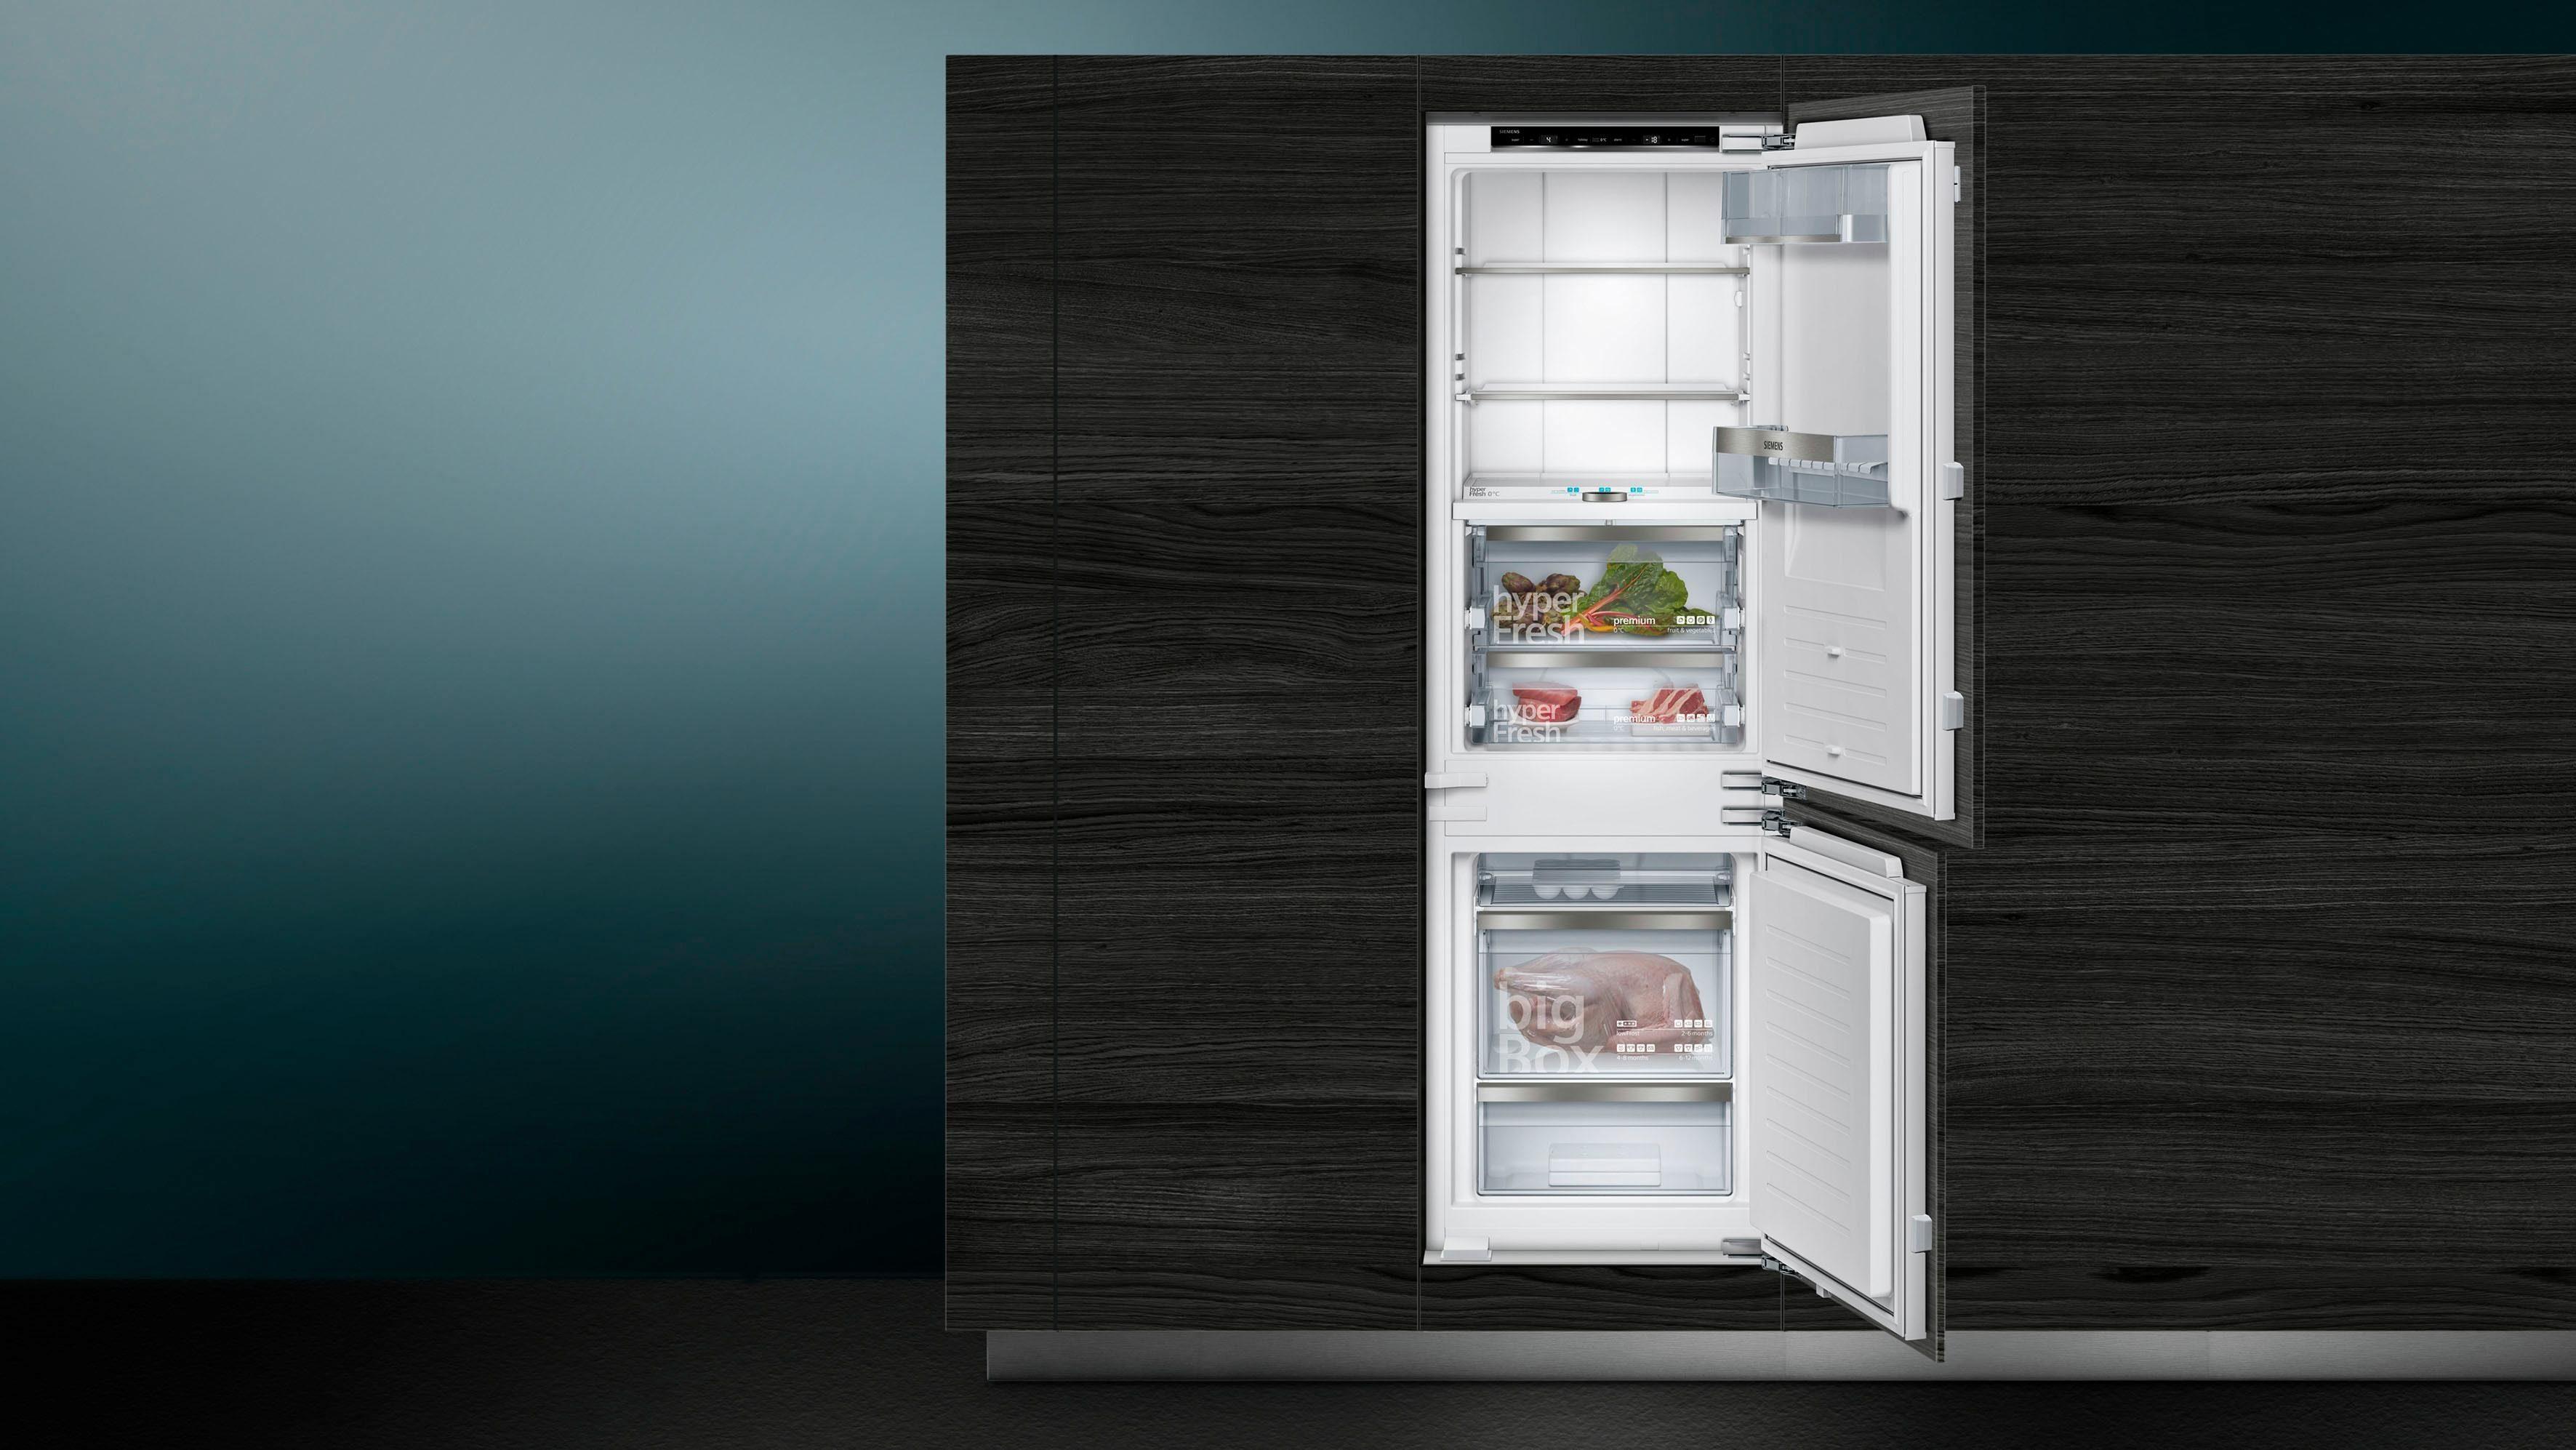 Siemens Kühlschrank 45 Cm Breit : Siemens einbaukühlgefrierkombination iq ki fpd cm